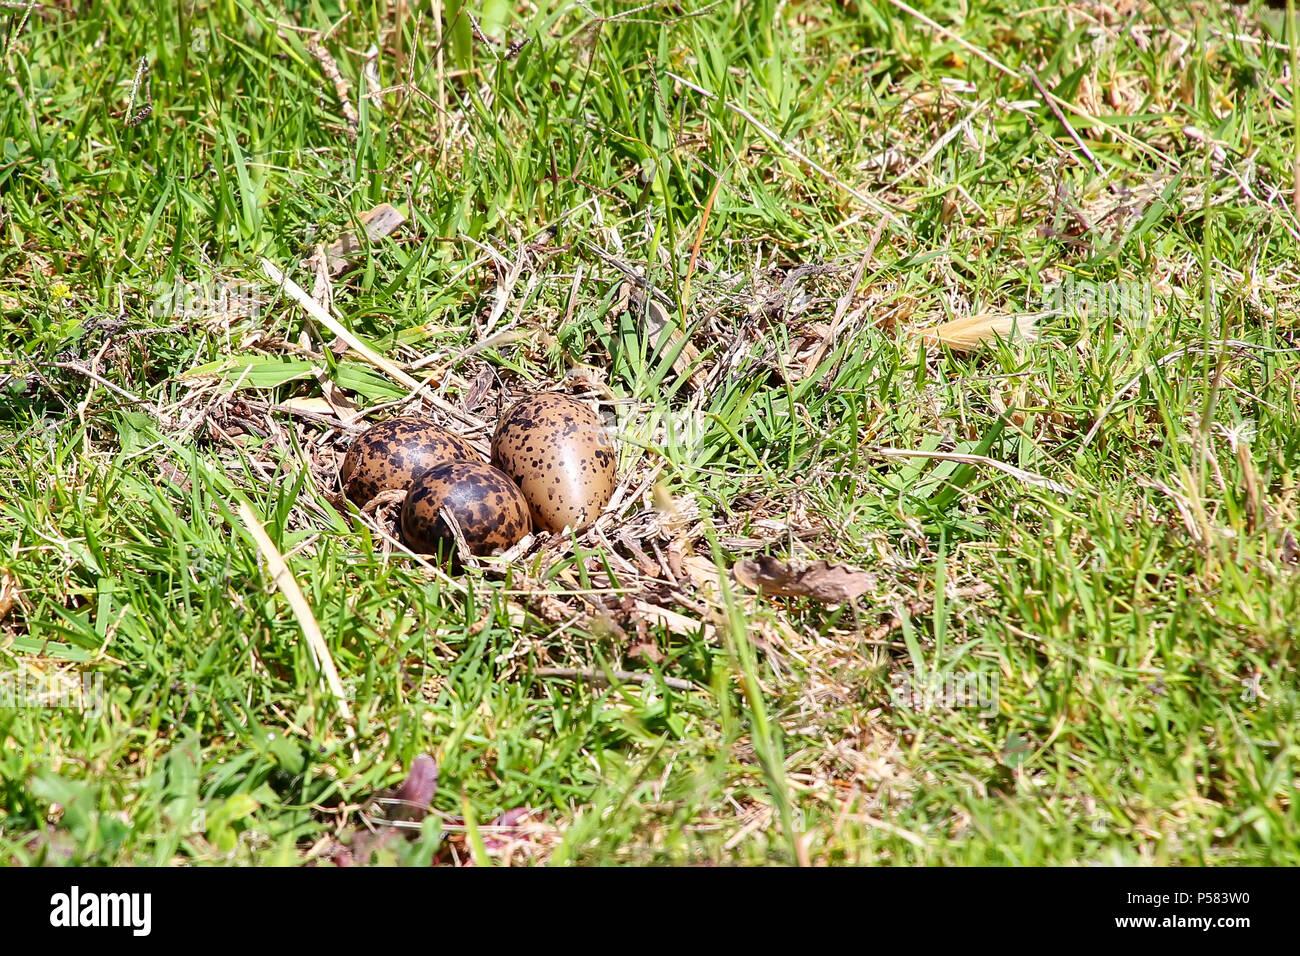 Masse d'oeufs du sud de sociable (vanellus chilensis) sur la rive de la rivière de la plaque à Montevideo, Uruguay. Cet oiseau est l'oiseau national de l'Uruguay. Photo Stock